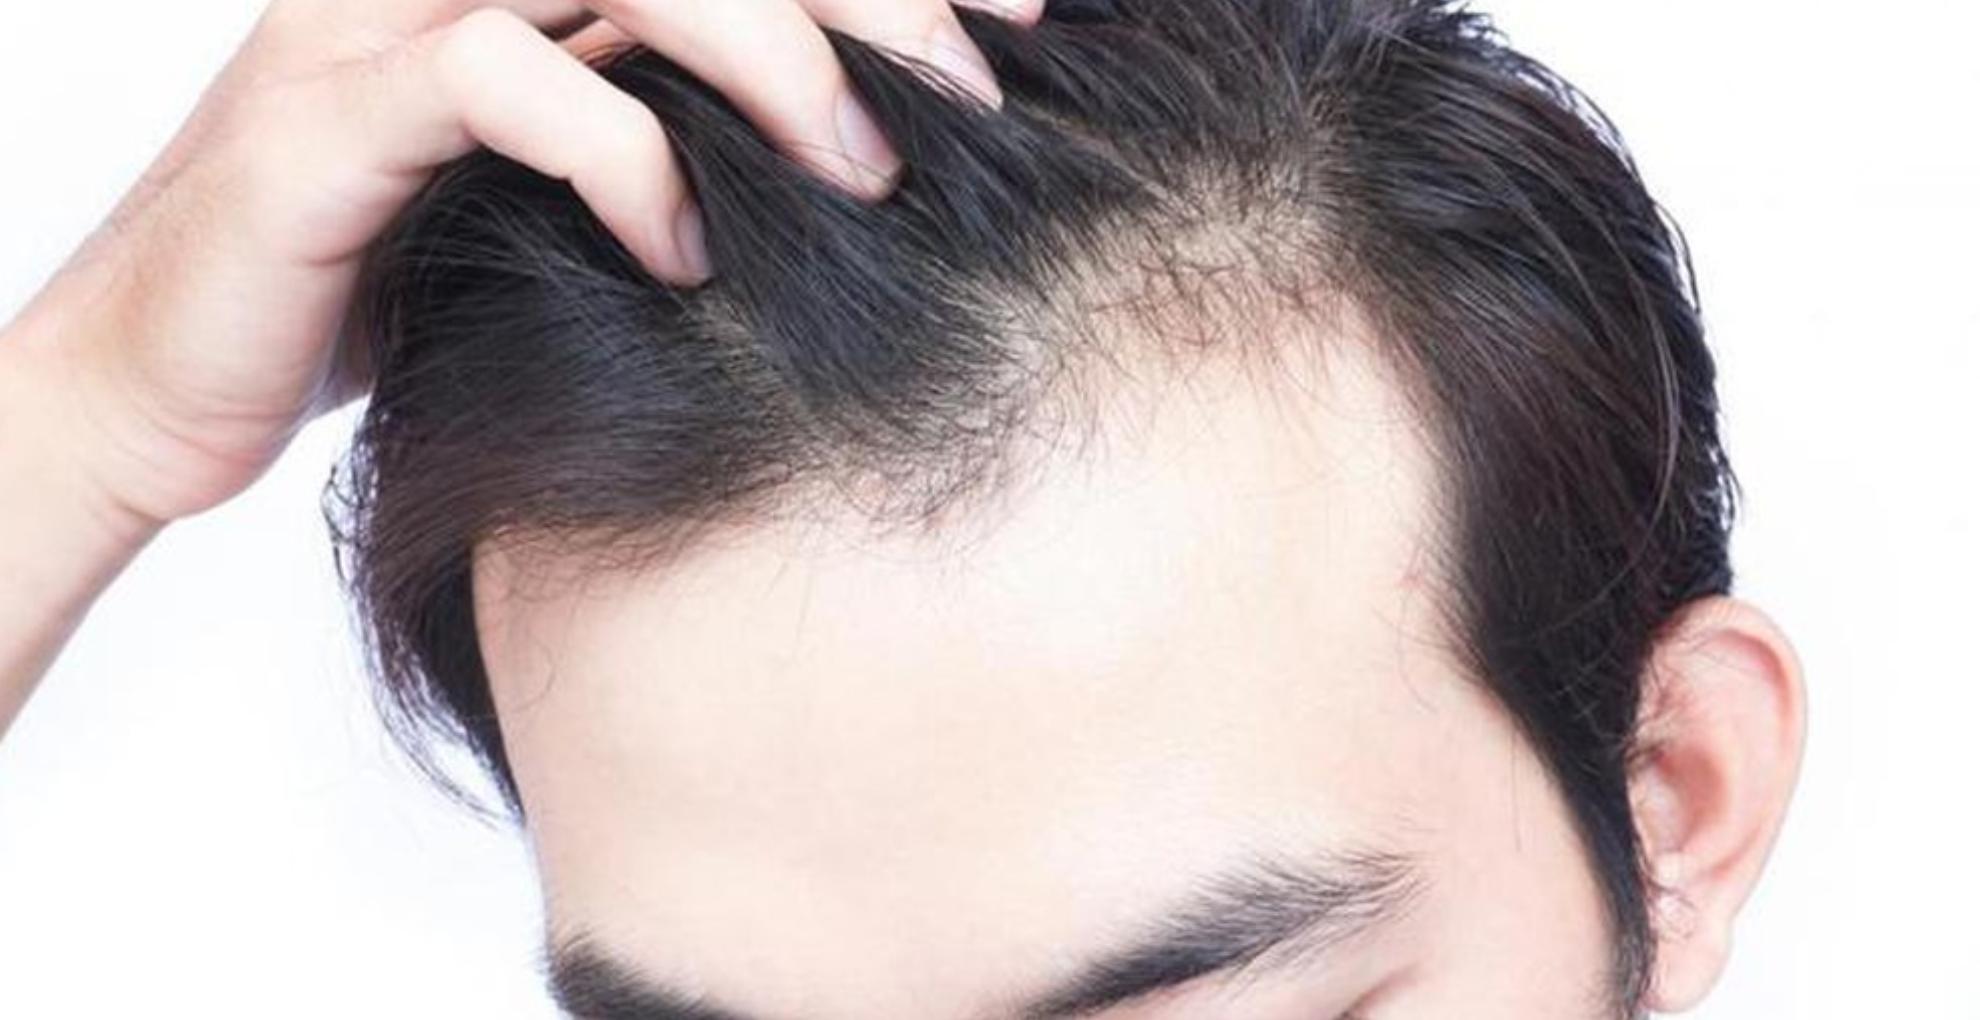 Hair Care Tips: गंजेपन की परेशानी से बचने के लिए अपनाएं ये घरेलू उपाय, झड़ते बालों से मिलेगी राहत